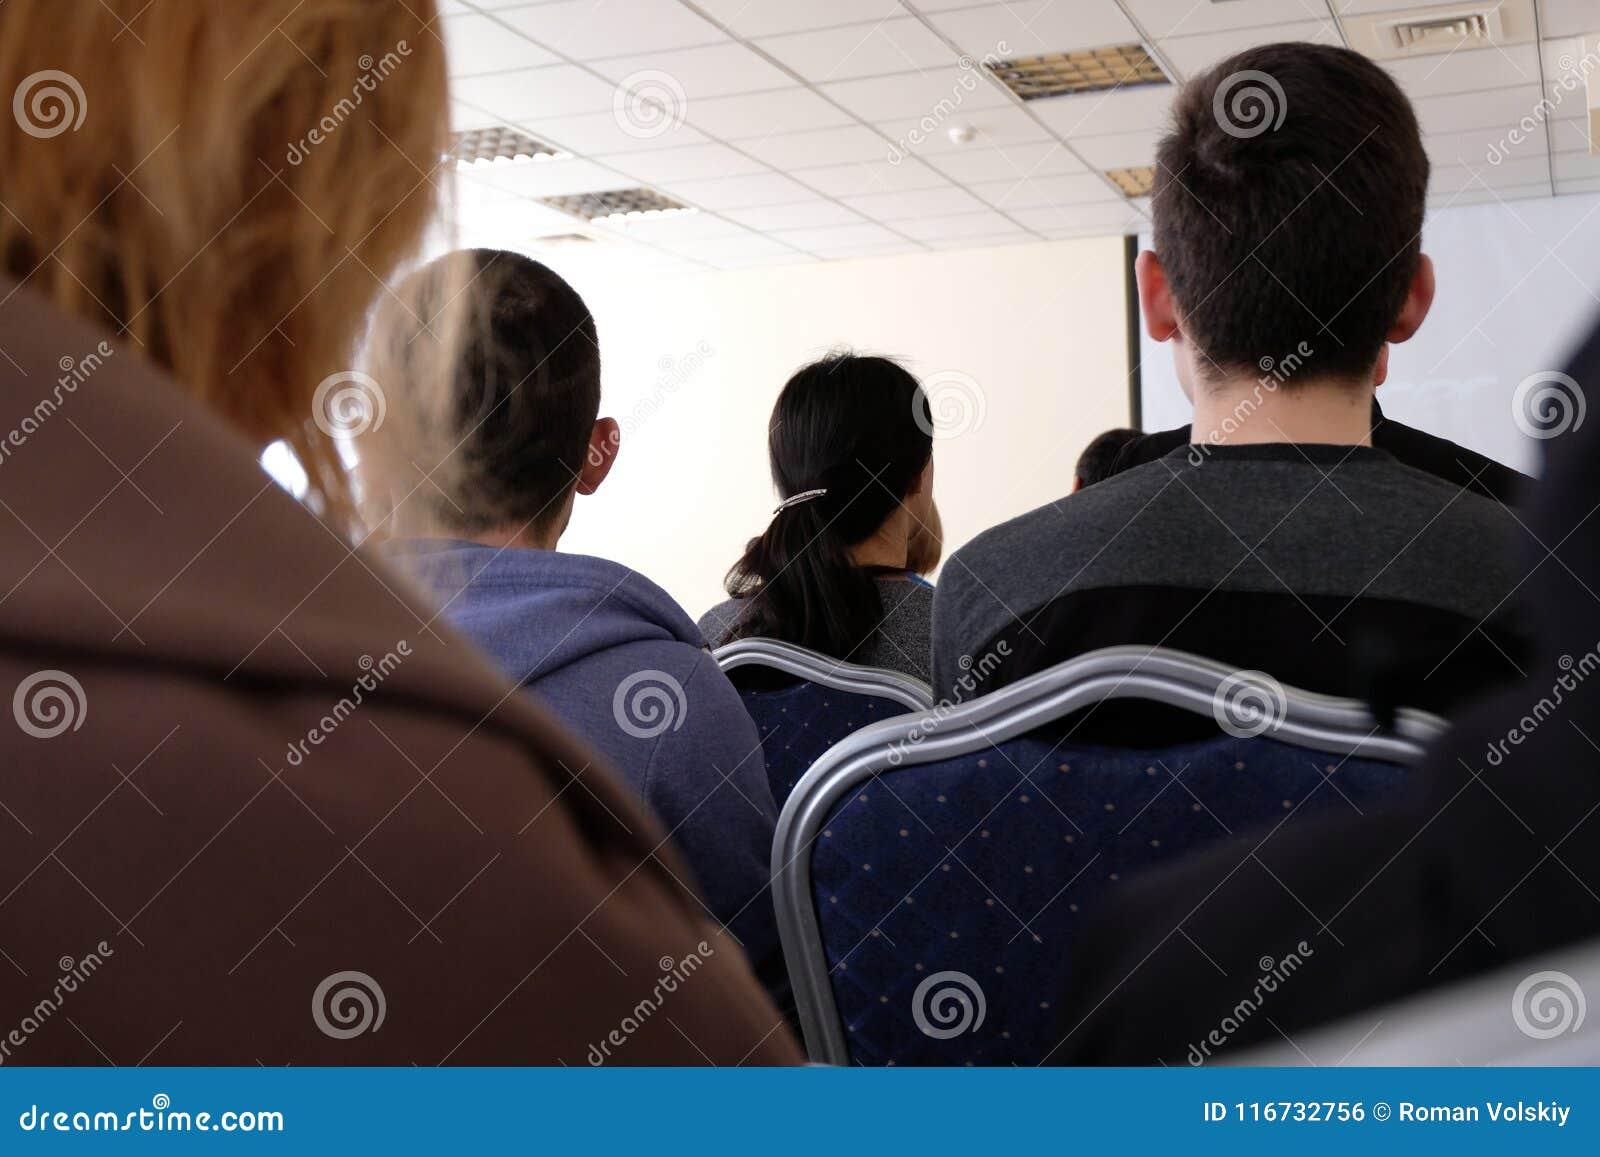 La gente sta sedendo nel corridoio e sta ascoltando una conferenza Concetto di affari